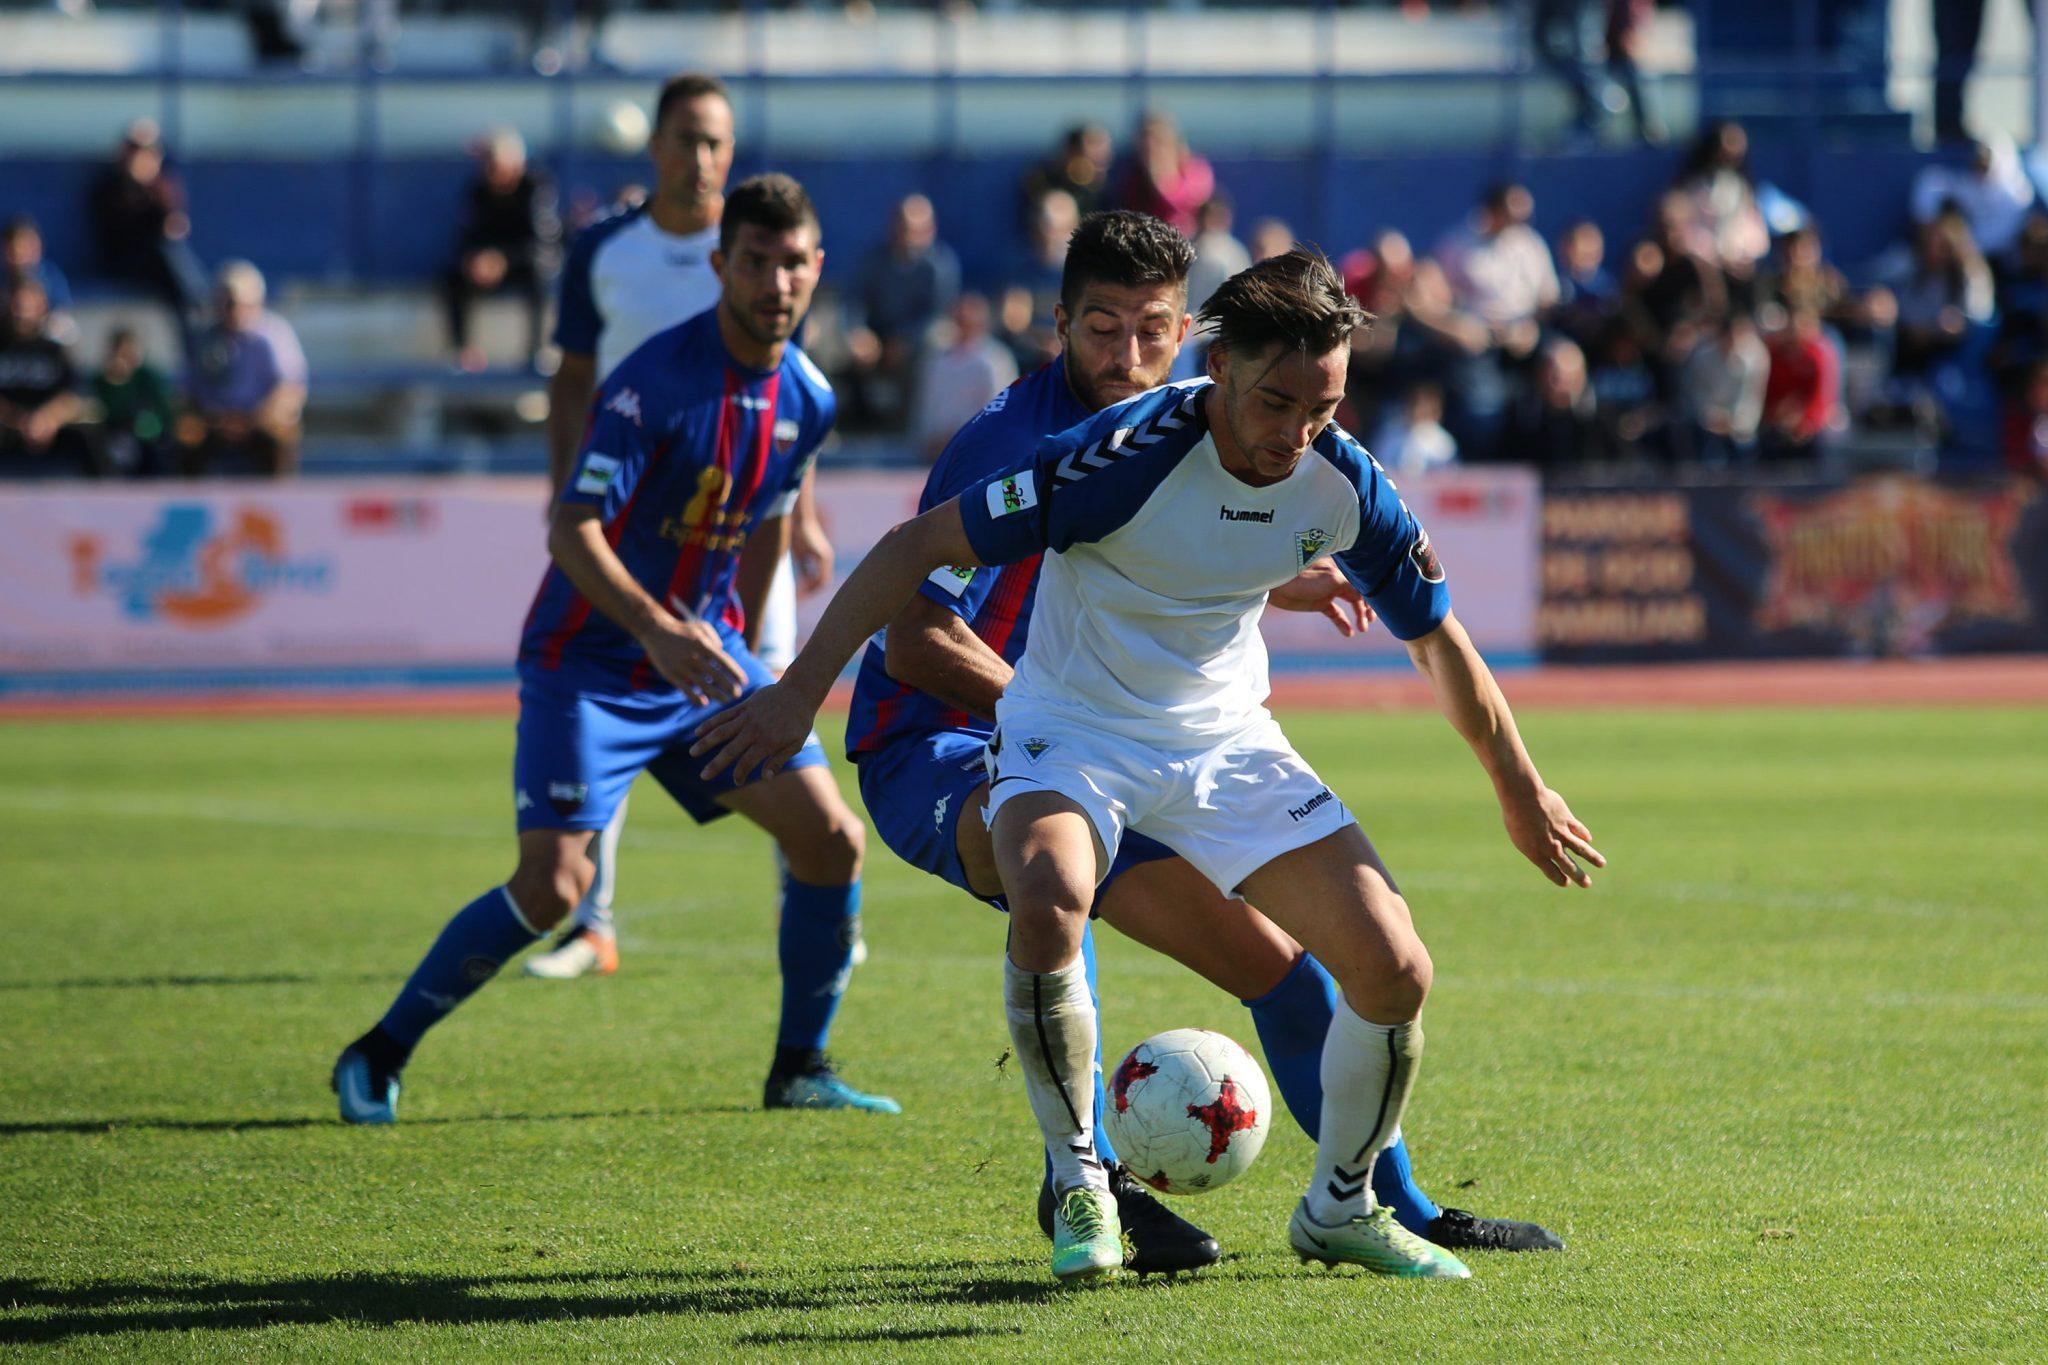 El Marbella FC se hace con un punto